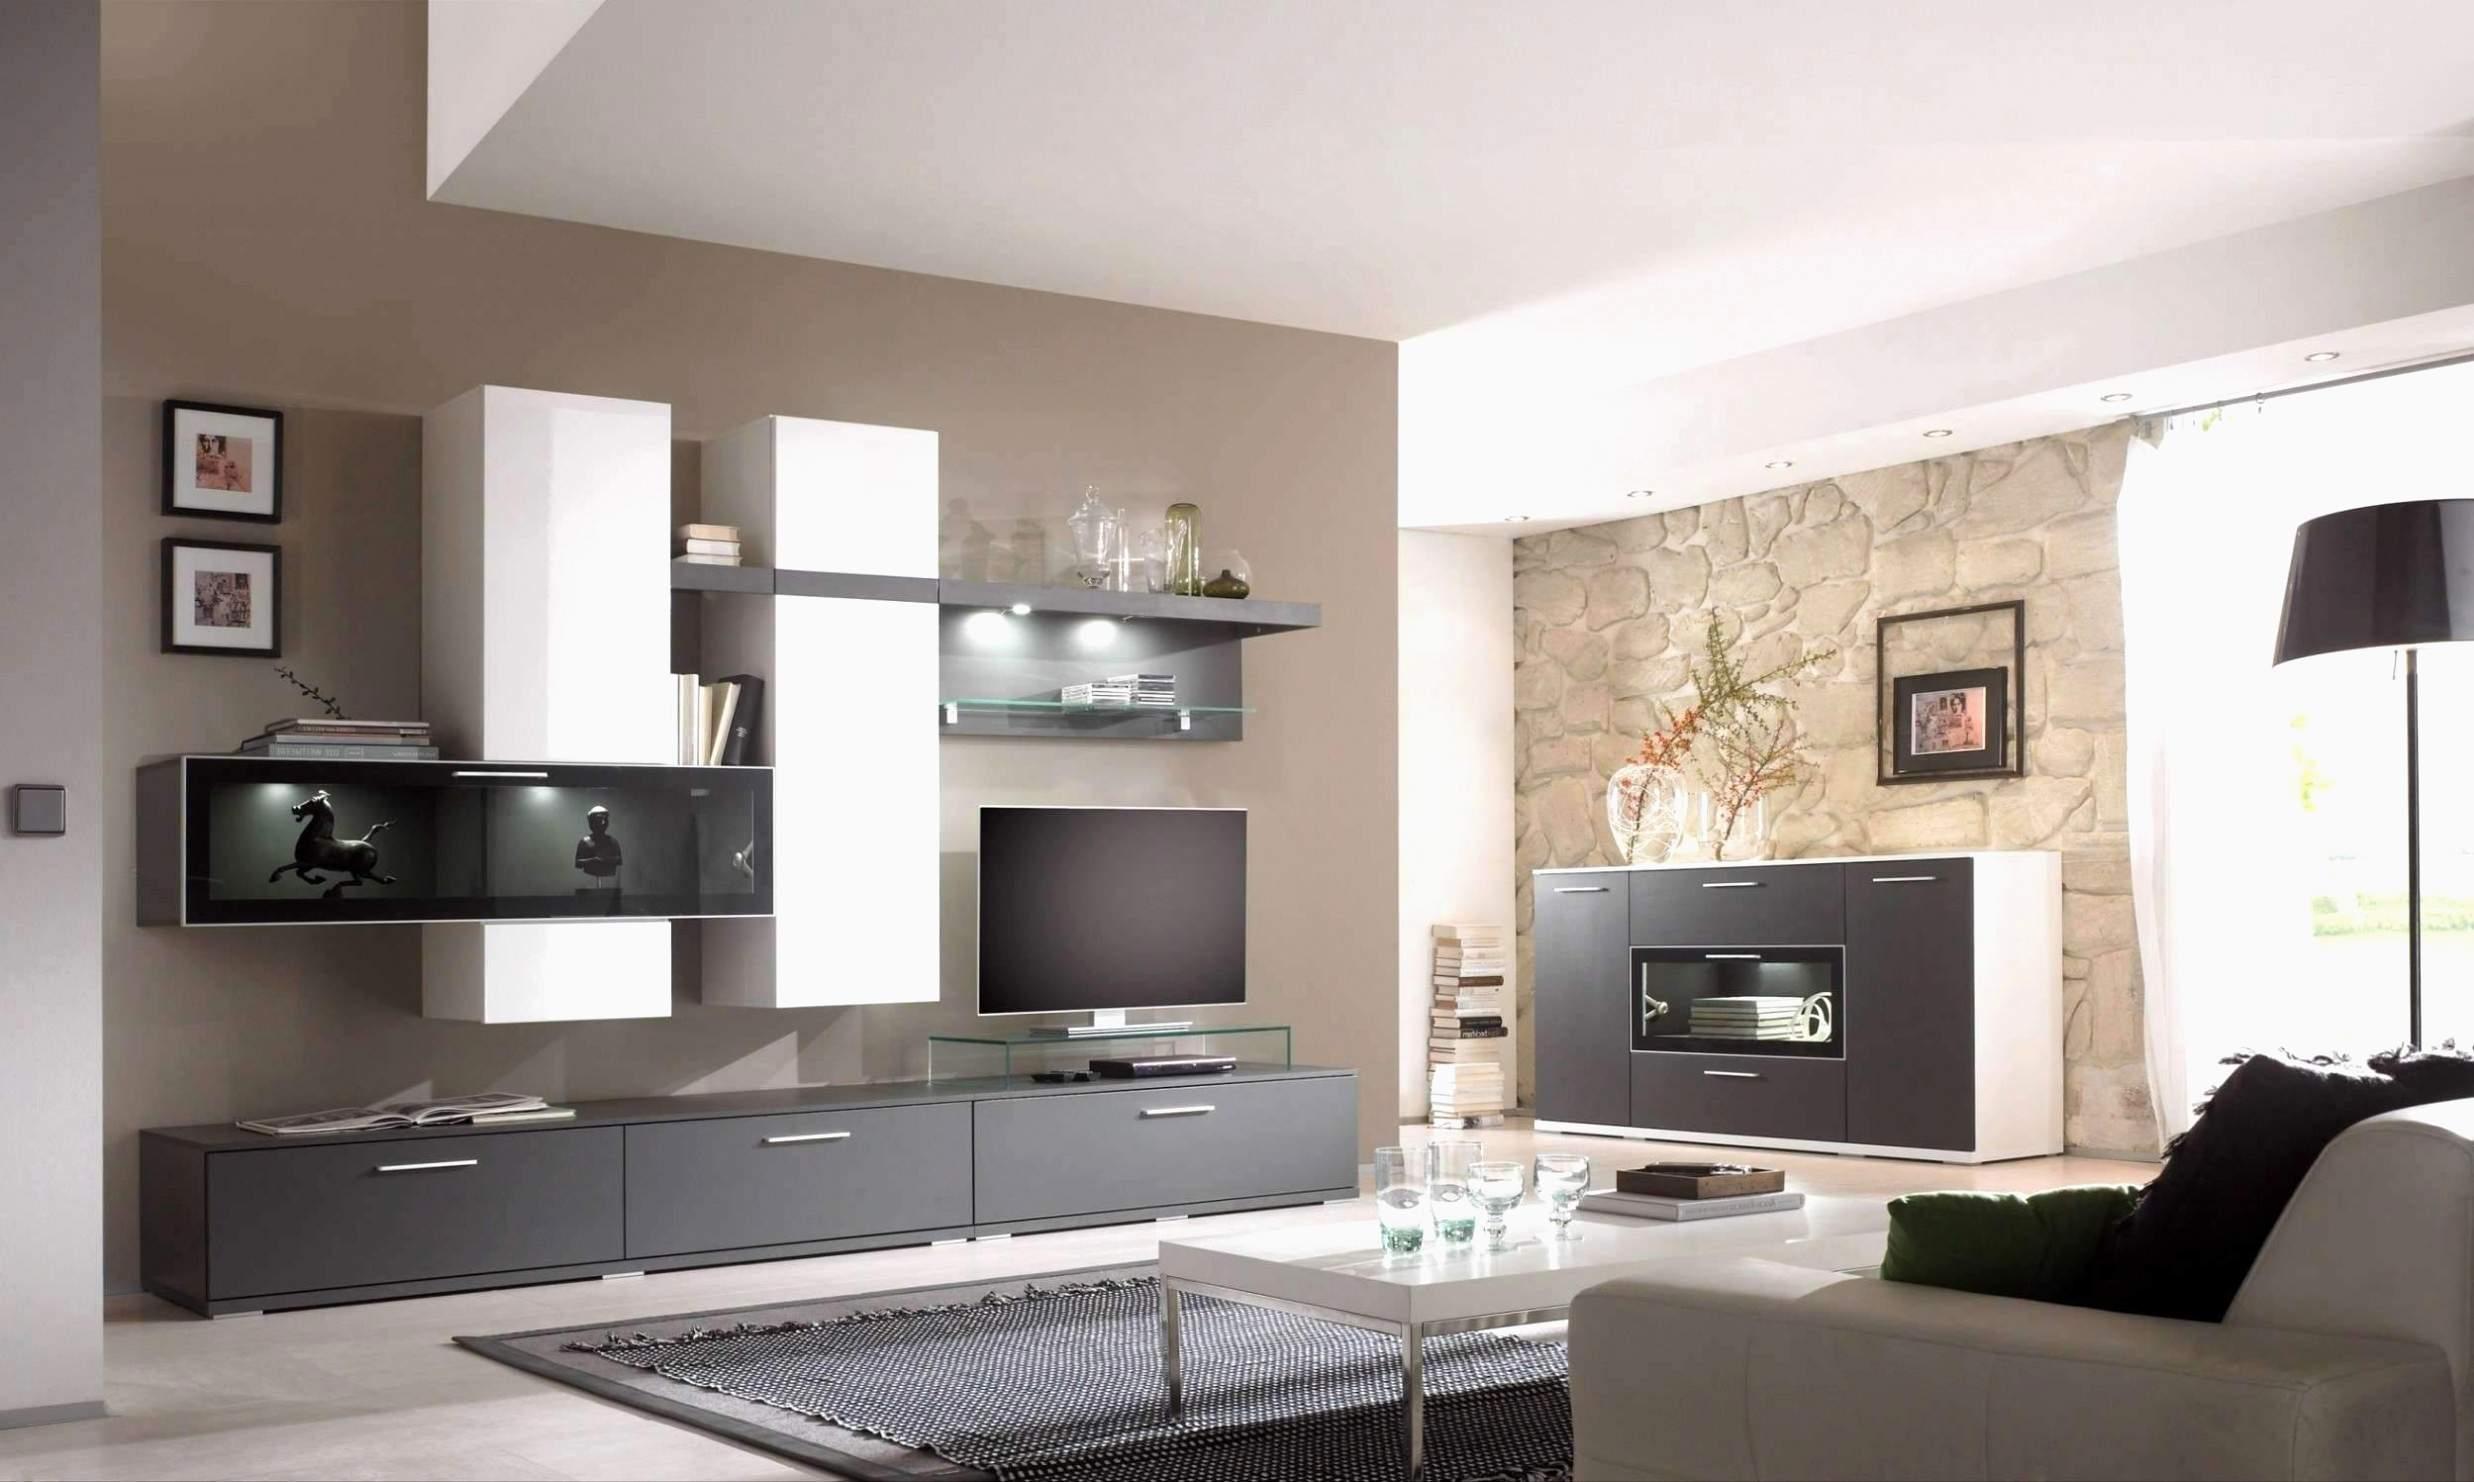 hocker wohnzimmer genial wohnideen wohnzimmer bilder modern und luxus kamin modern 0d of hocker wohnzimmer